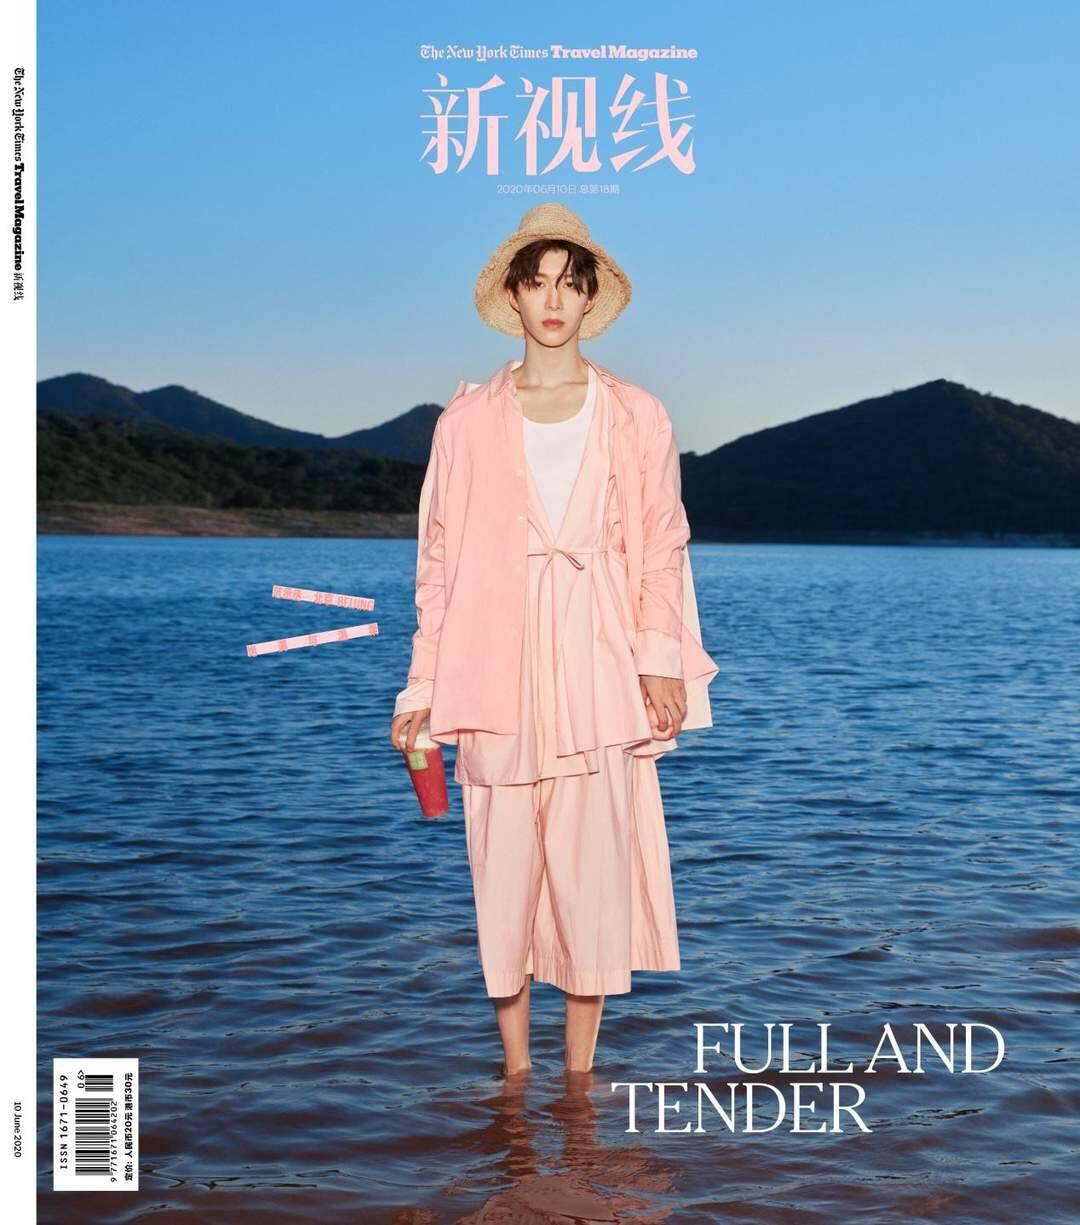 新式茶饮登上时尚杂志封面,老虎堂异军突起,打造霸气黑糖虎纹 (图1)